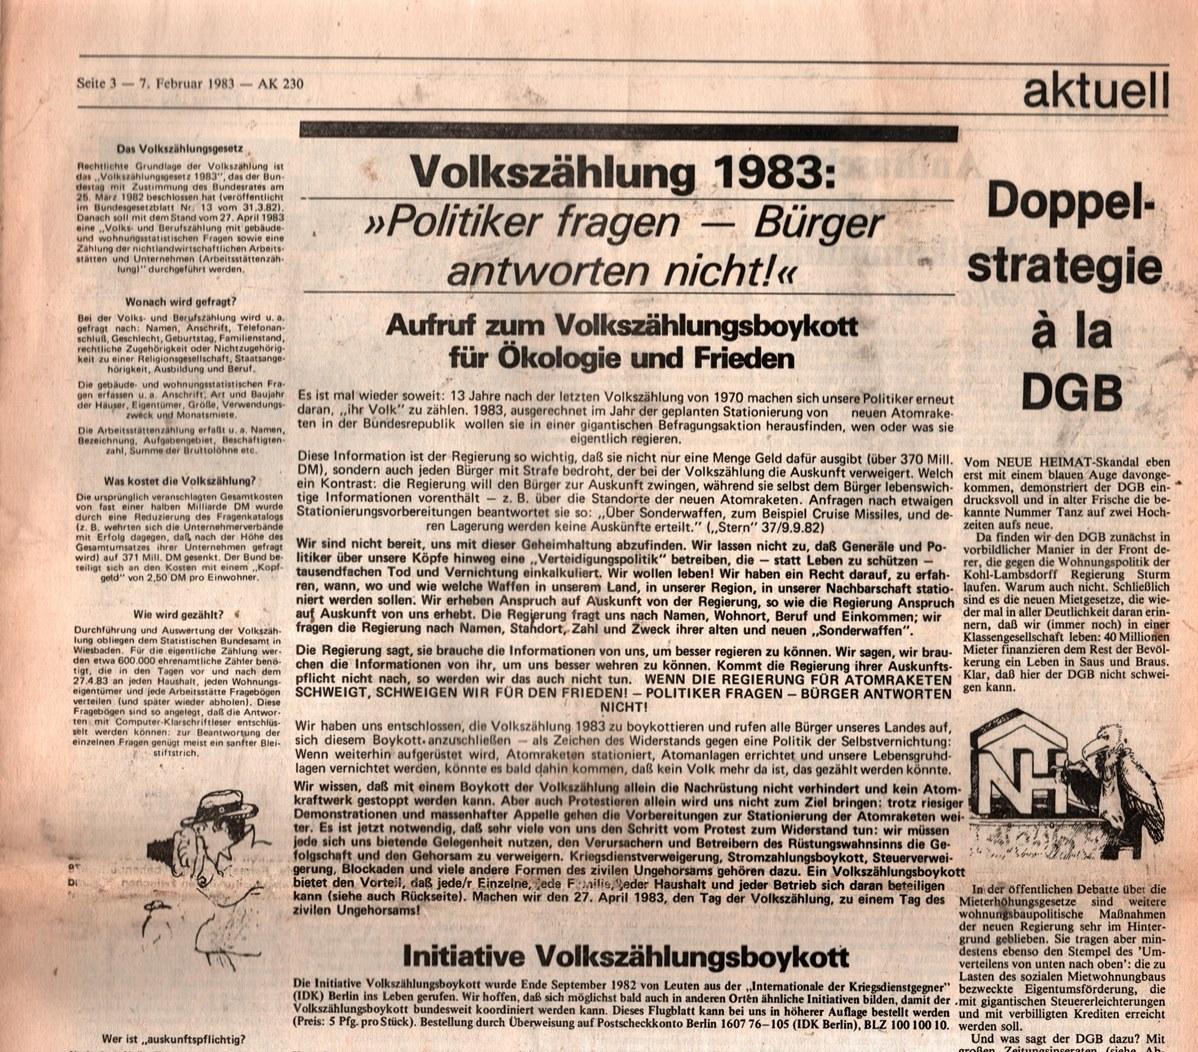 KB_AK_1983_230_005